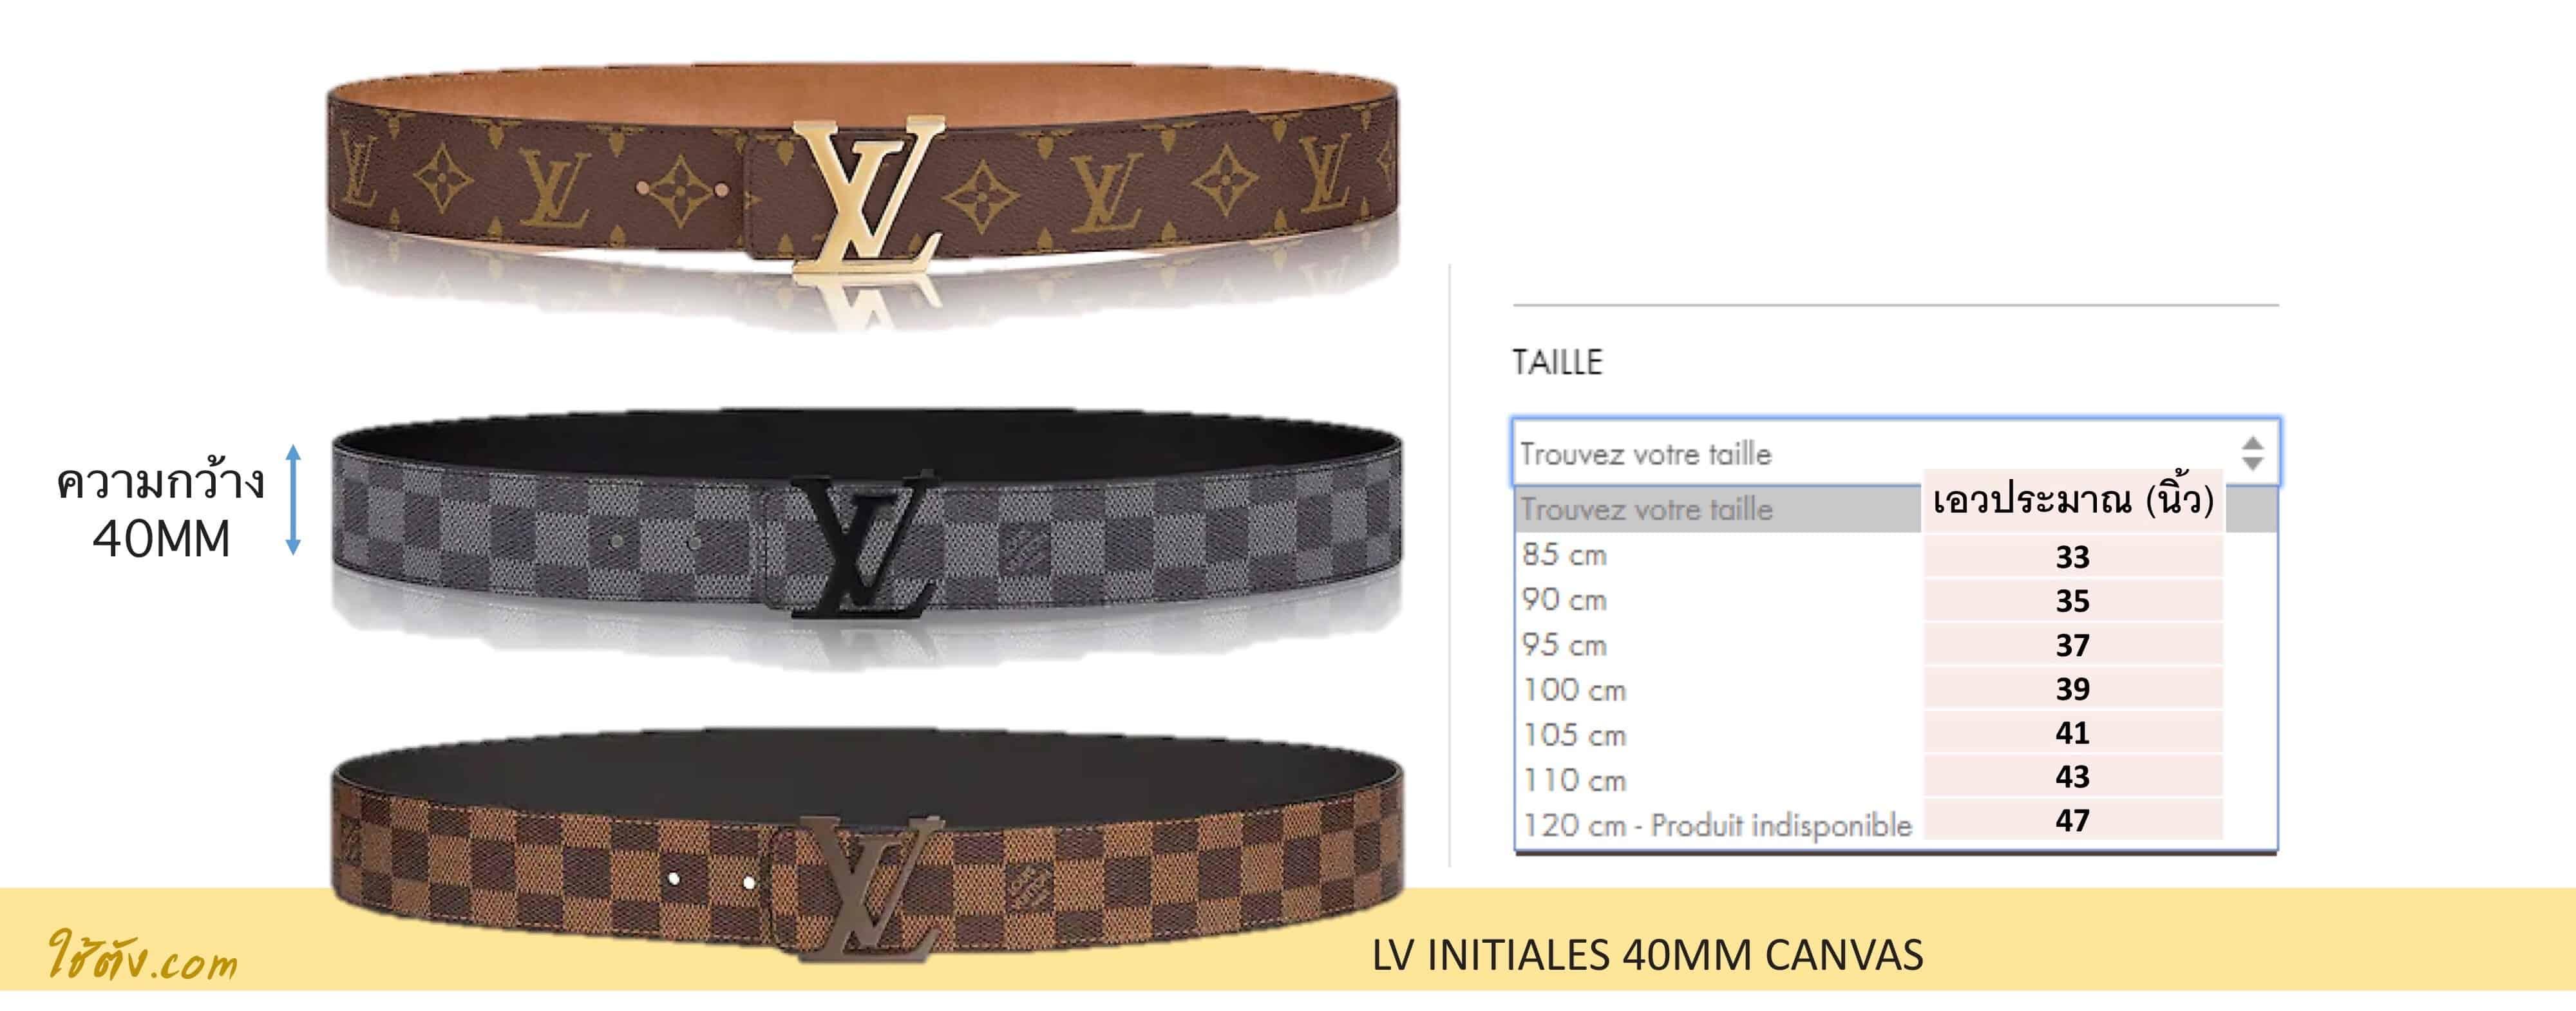 LV initials belt